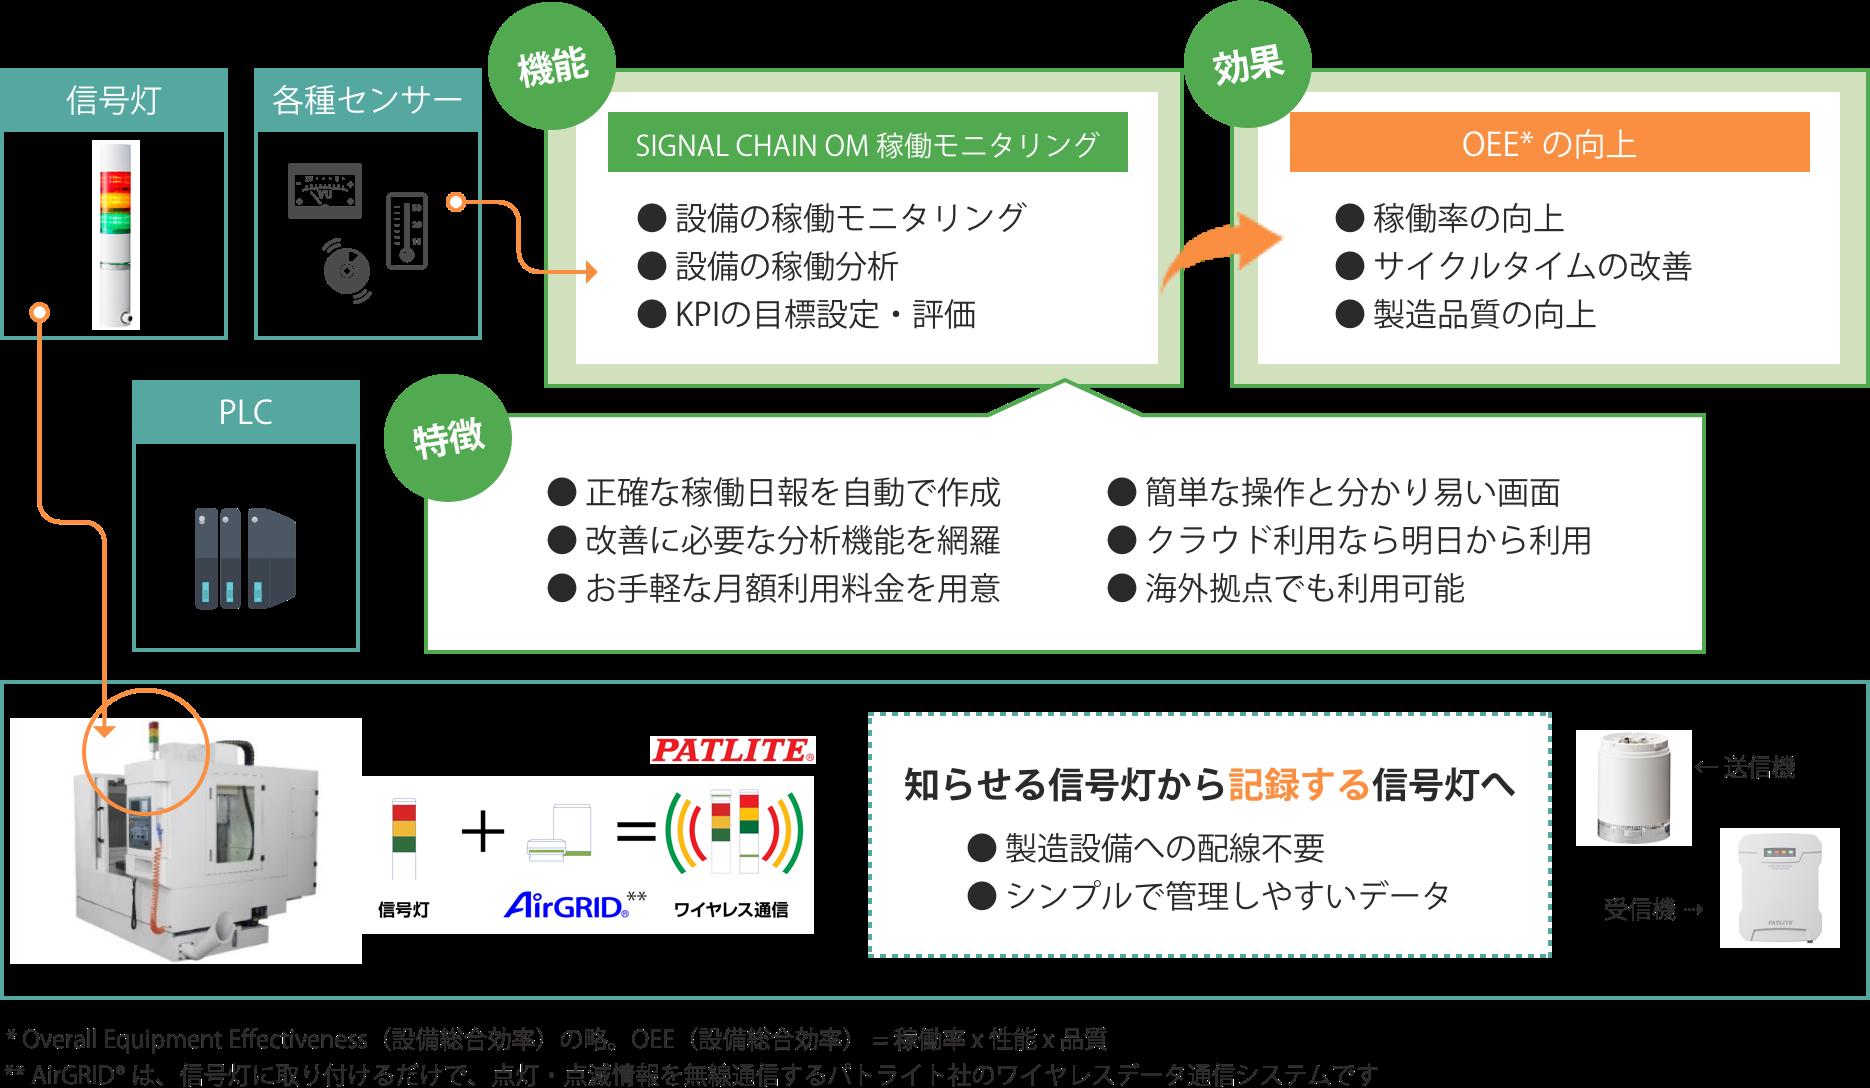 mcframe SIGNAL CHAIN  OM 稼働モニタリングのコンセプト